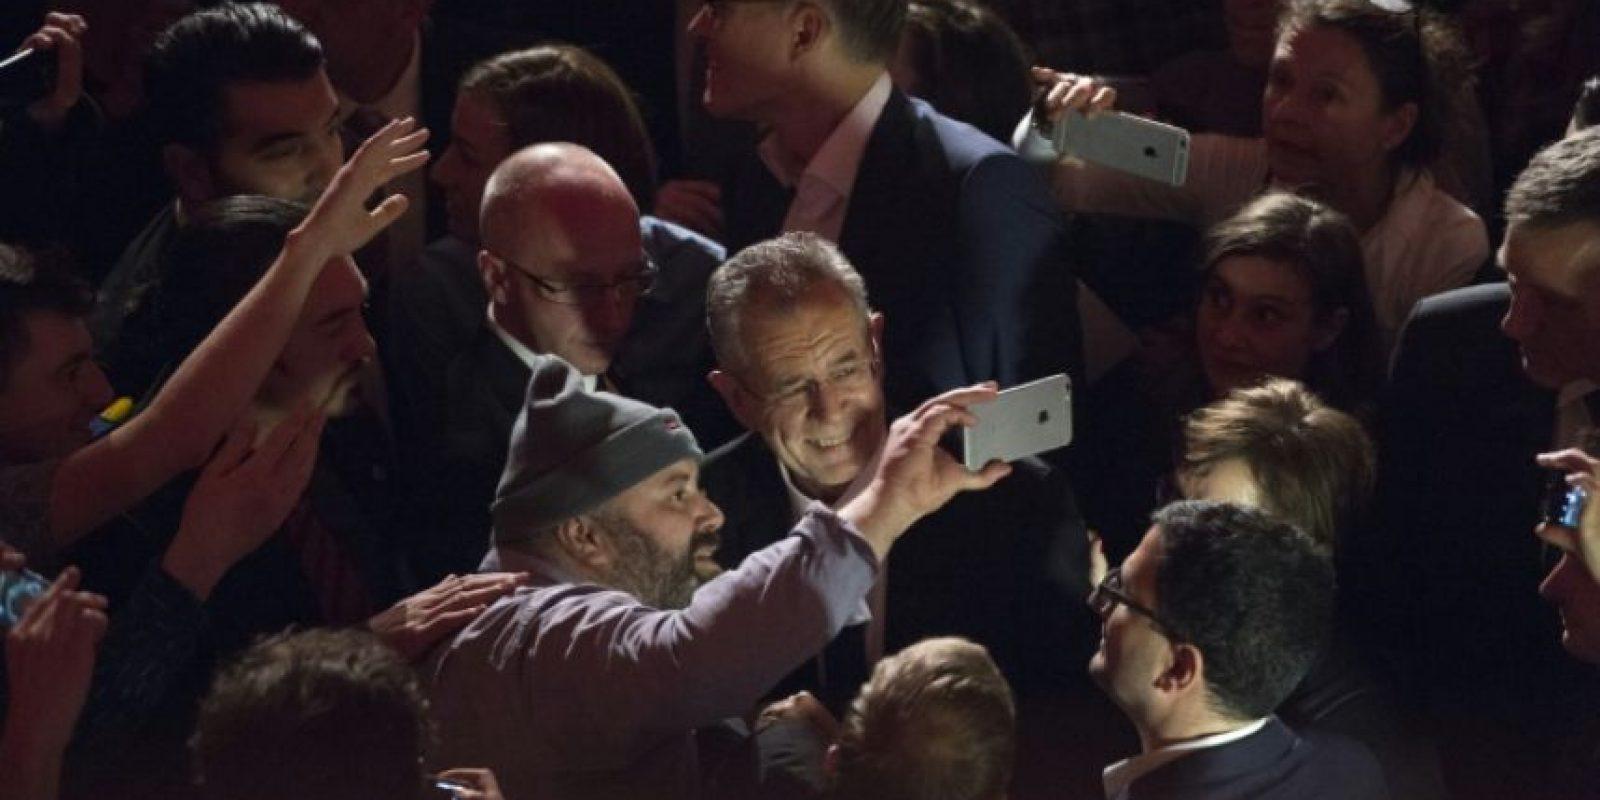 Un partidario del candidato presidencial ecologista austríaco Alexander Van der Bellen (C) se toma una selfi con él en la fiesta por la victoria en las elecciones, en Viena, el 4 de diciembre de 2016. Foto:JOE KLAMAR/afp.com